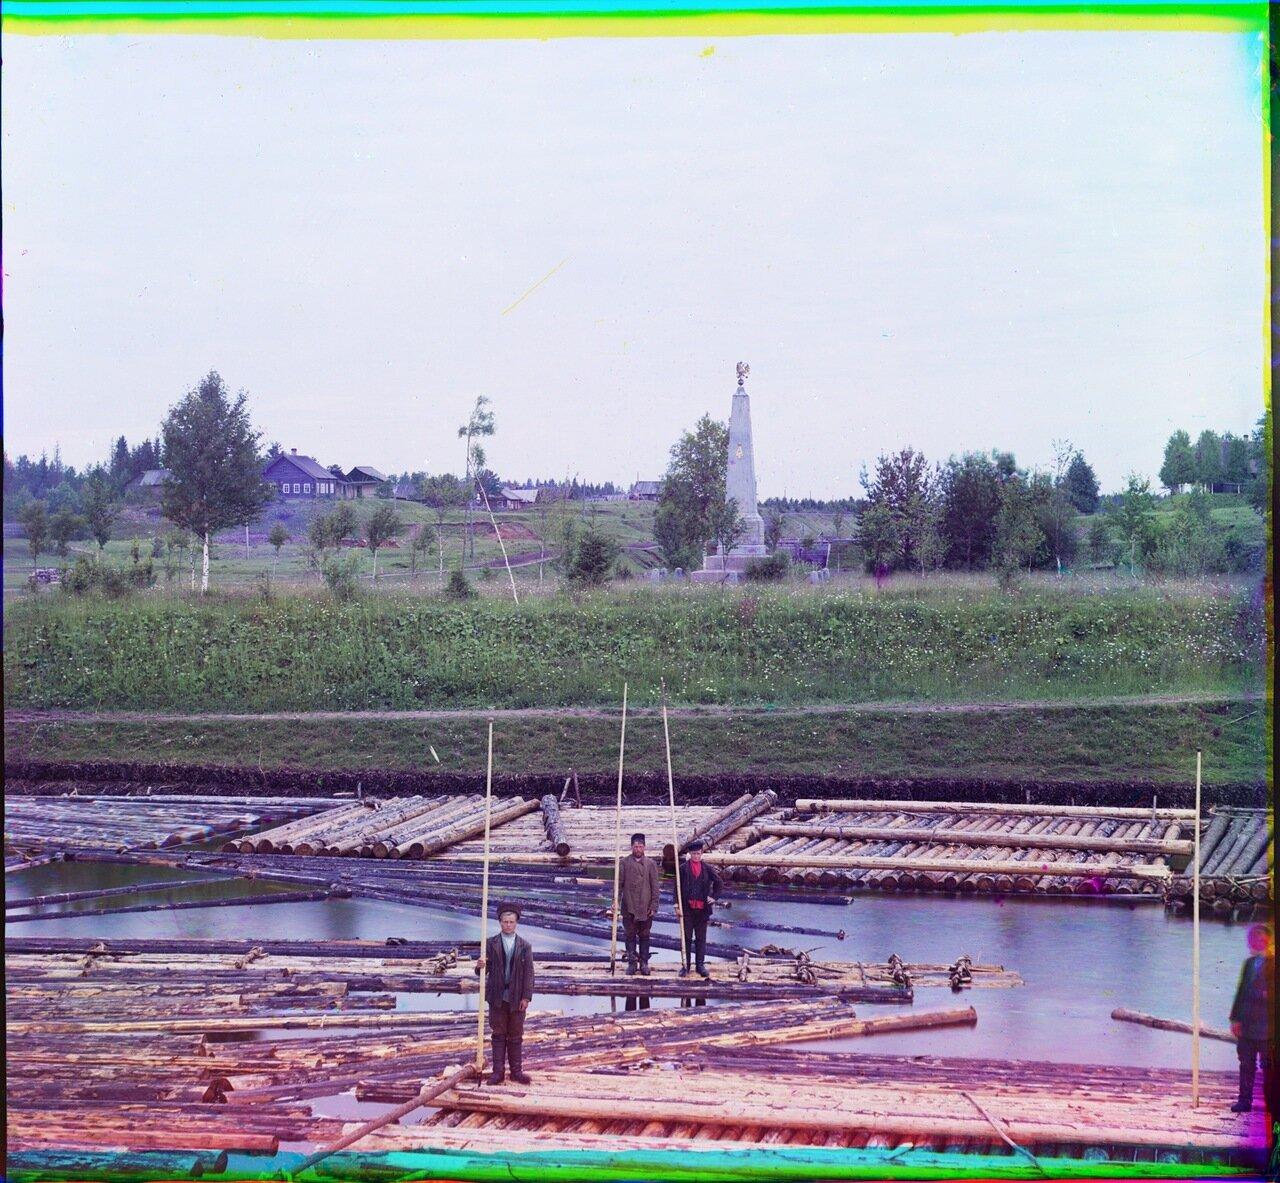 Памятник в честь окончания строительства нового соединительного (Ново-Мариинского) канала между реками Вытегрою и Ковжею. Шлюз св.Александра.1909 год